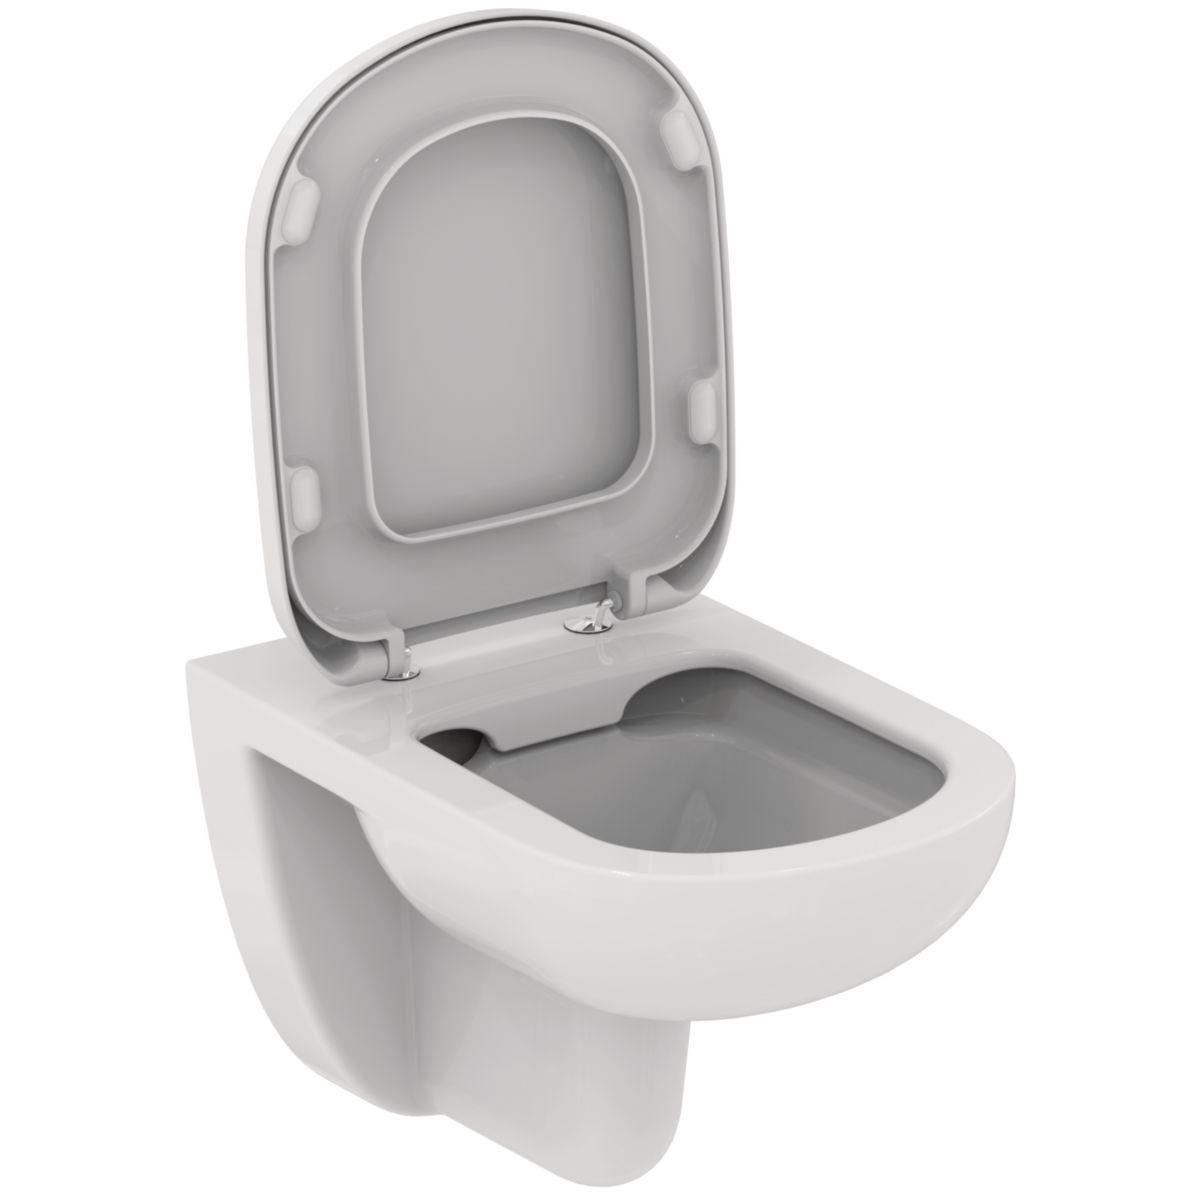 pack wc kheops cuvette suspendue sans bride avec abattant frein de chute blanc r f t312401. Black Bedroom Furniture Sets. Home Design Ideas